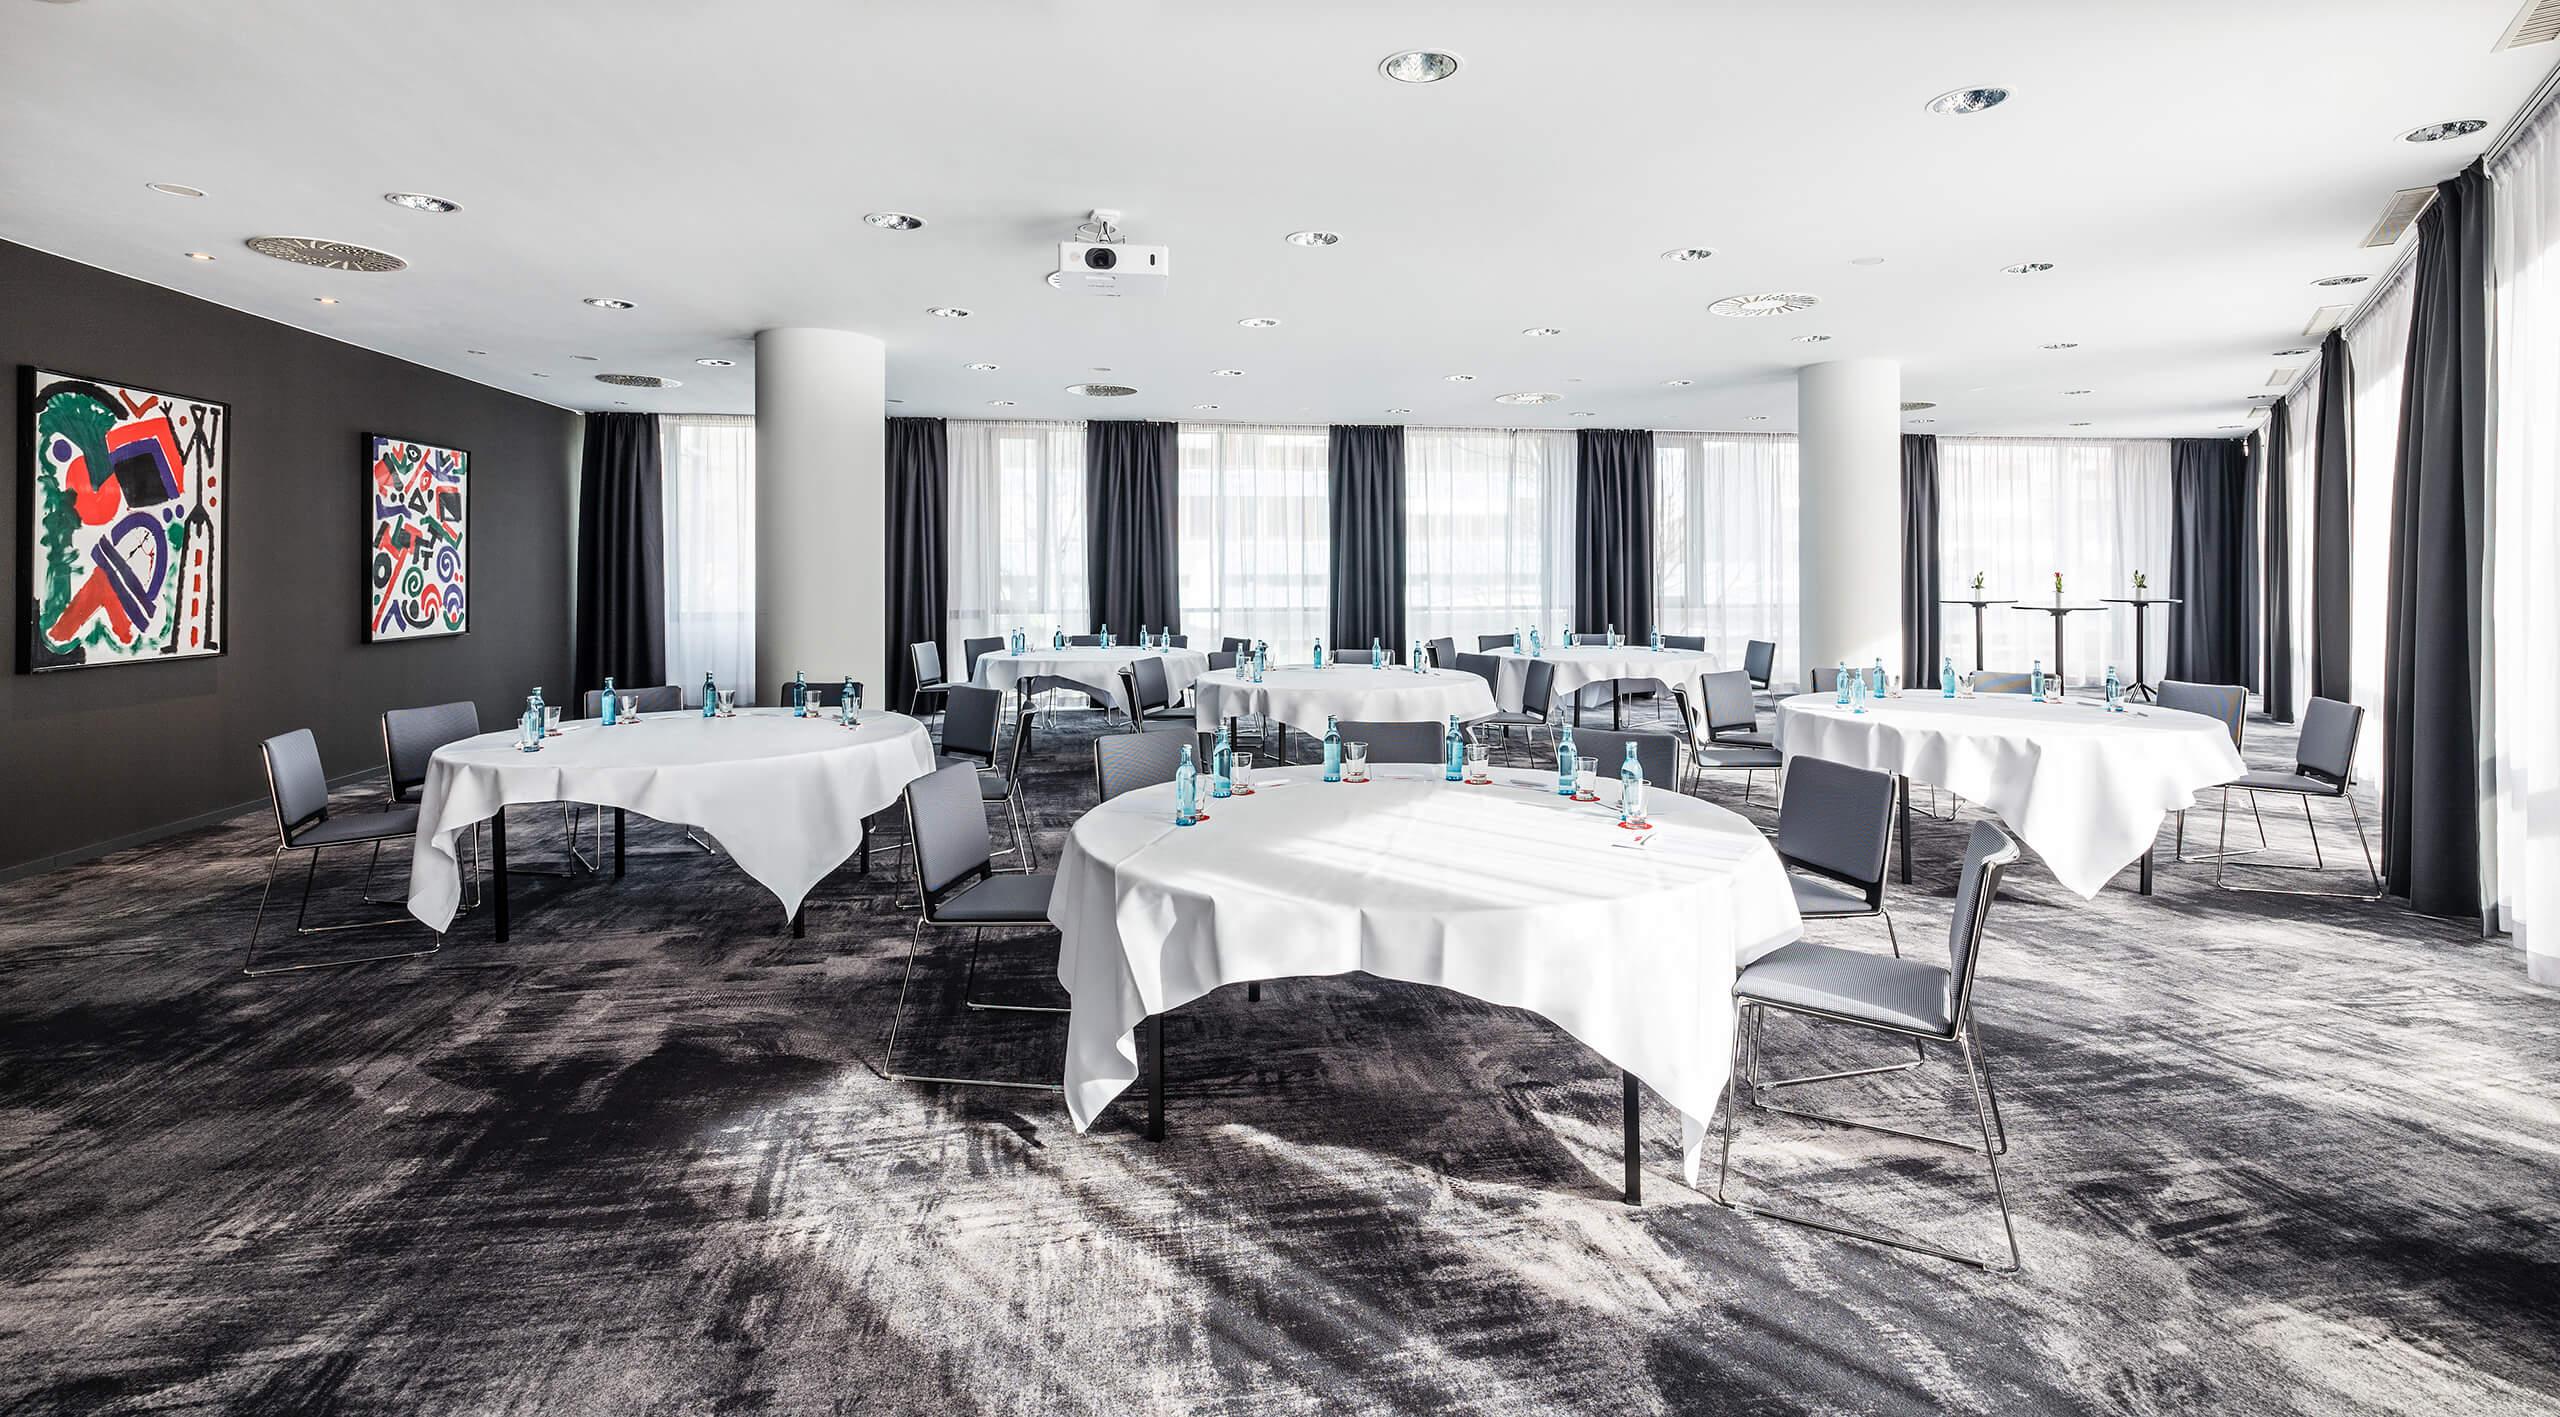 Tagungsraum mit runden Tischen in Kabarett Bestuhlung, mit Tageslicht und Klimaanlage